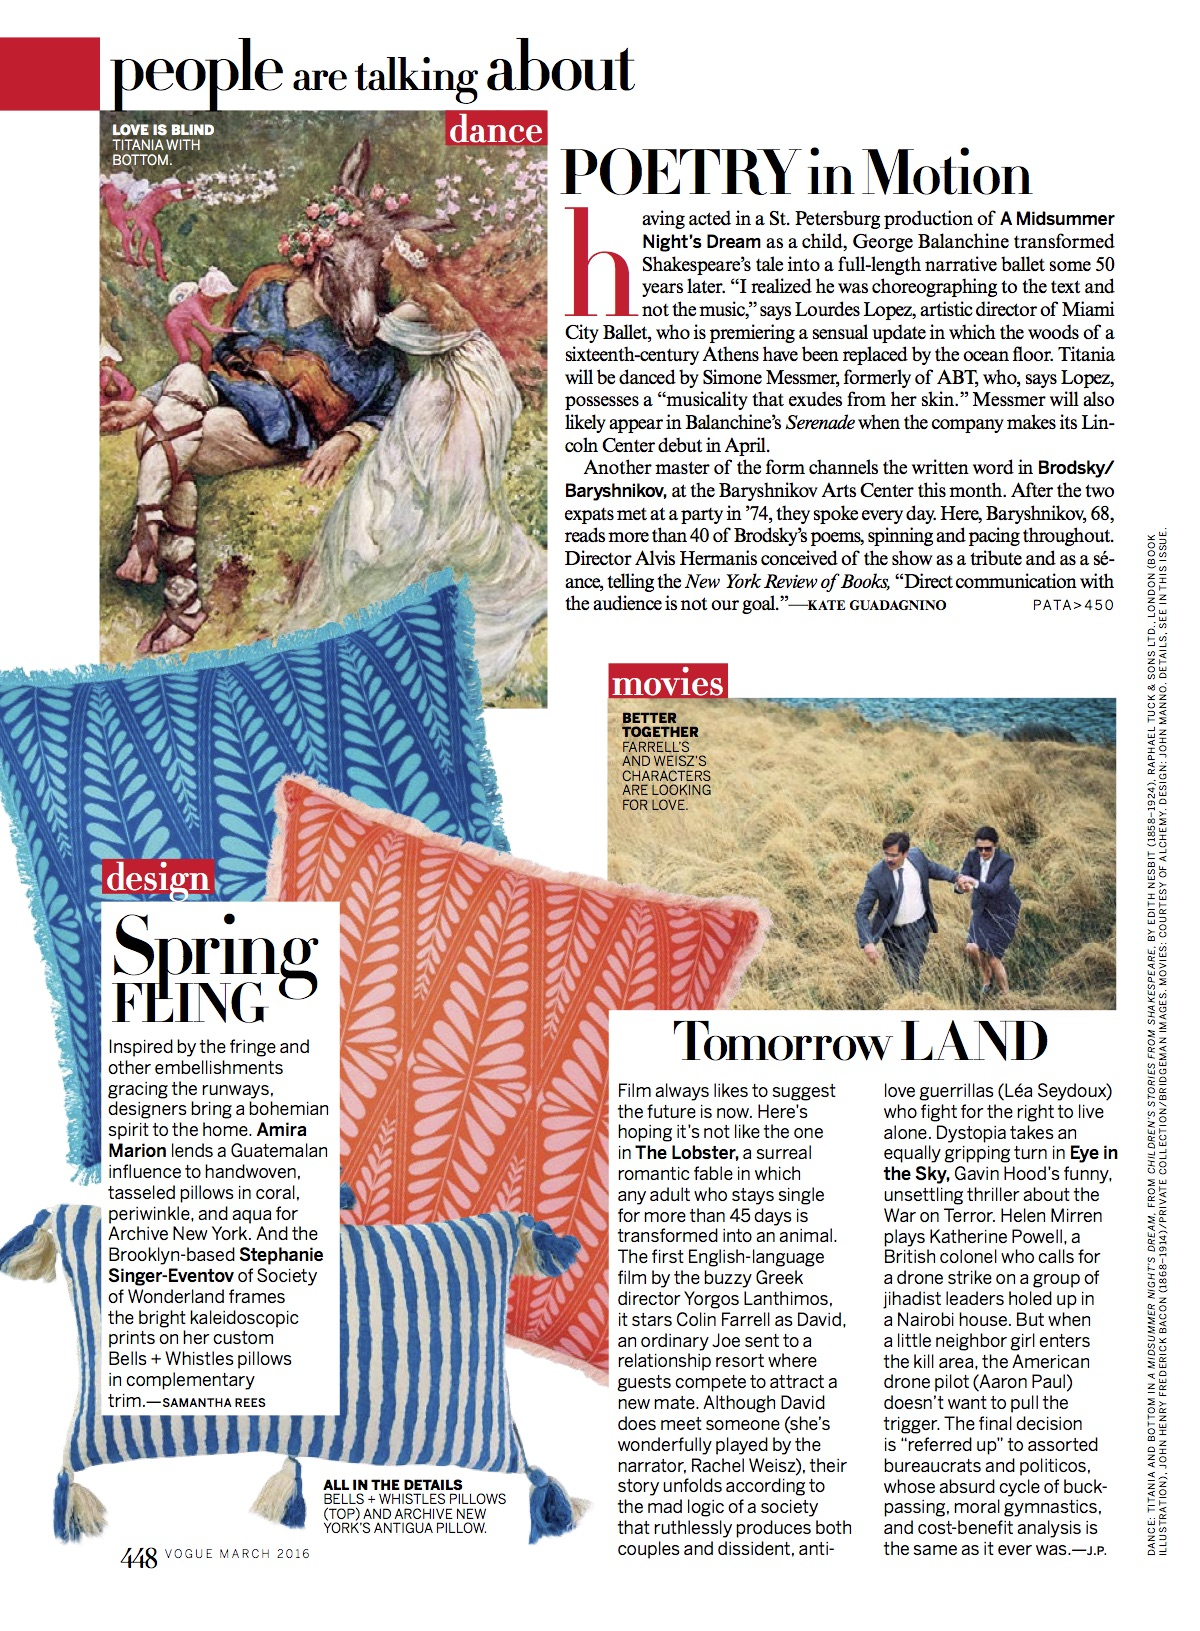 Vogue March 2016 Press.jpg